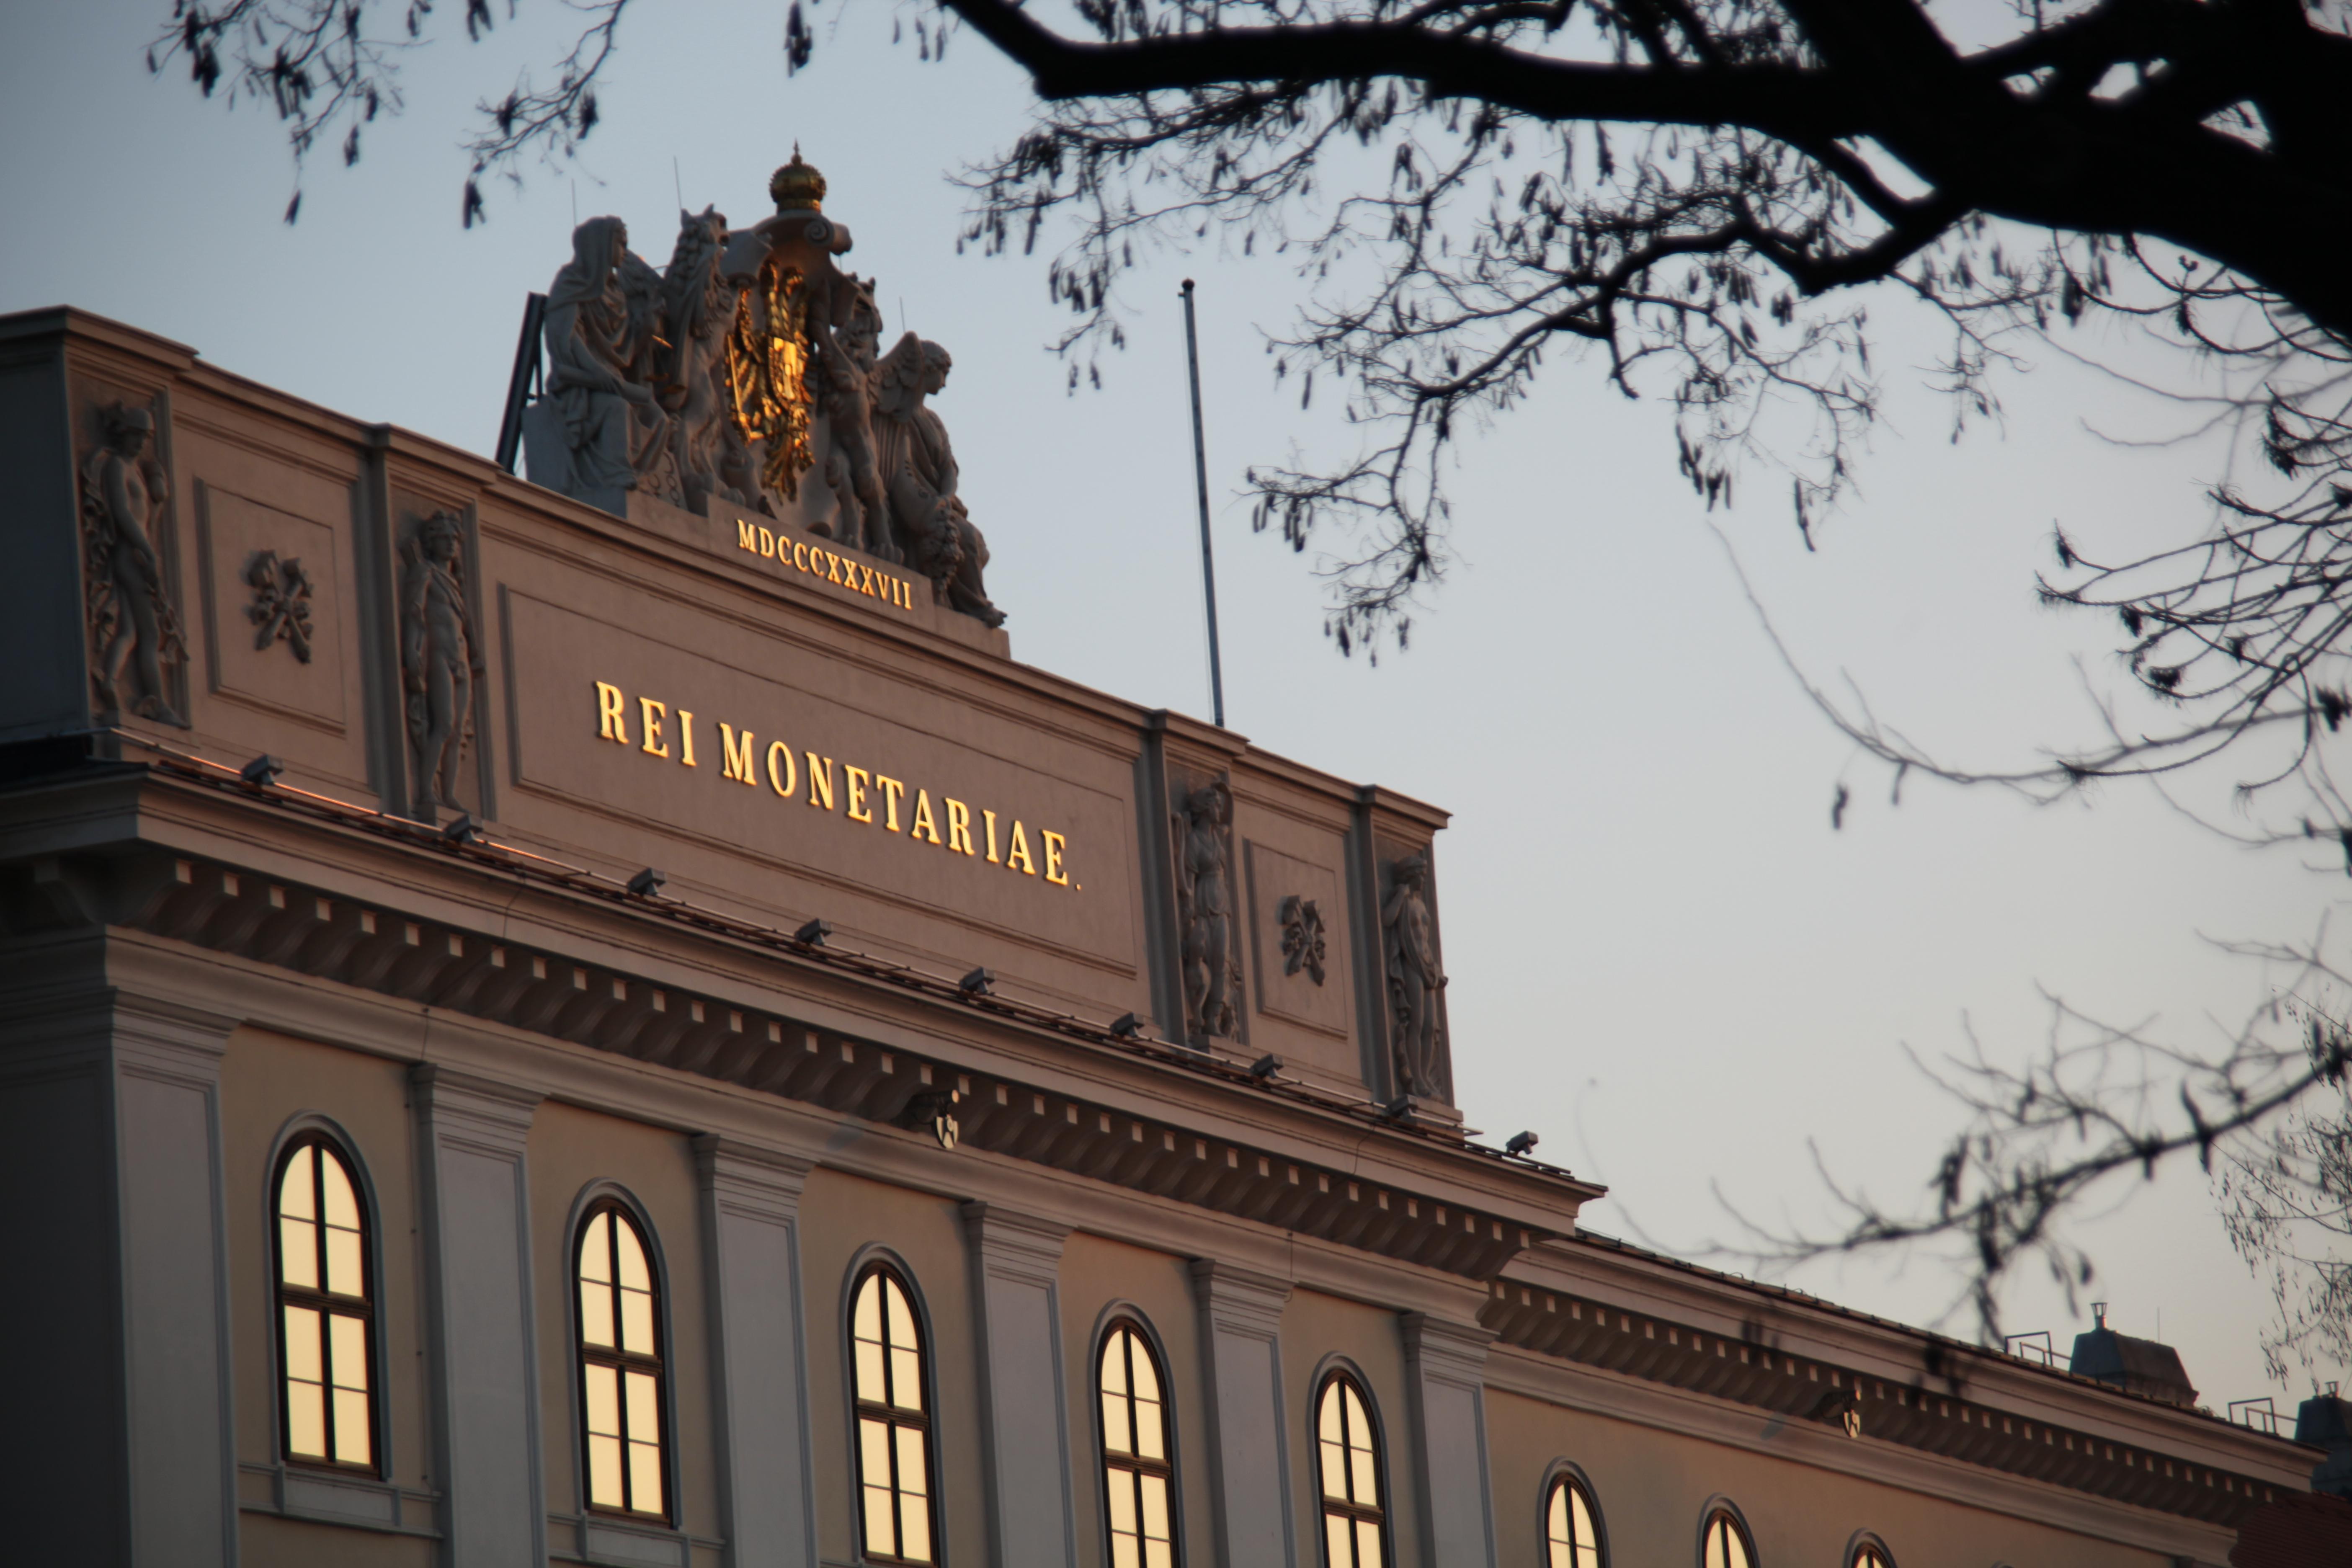 Filemünze österreich Wienjpg Wikimedia Commons